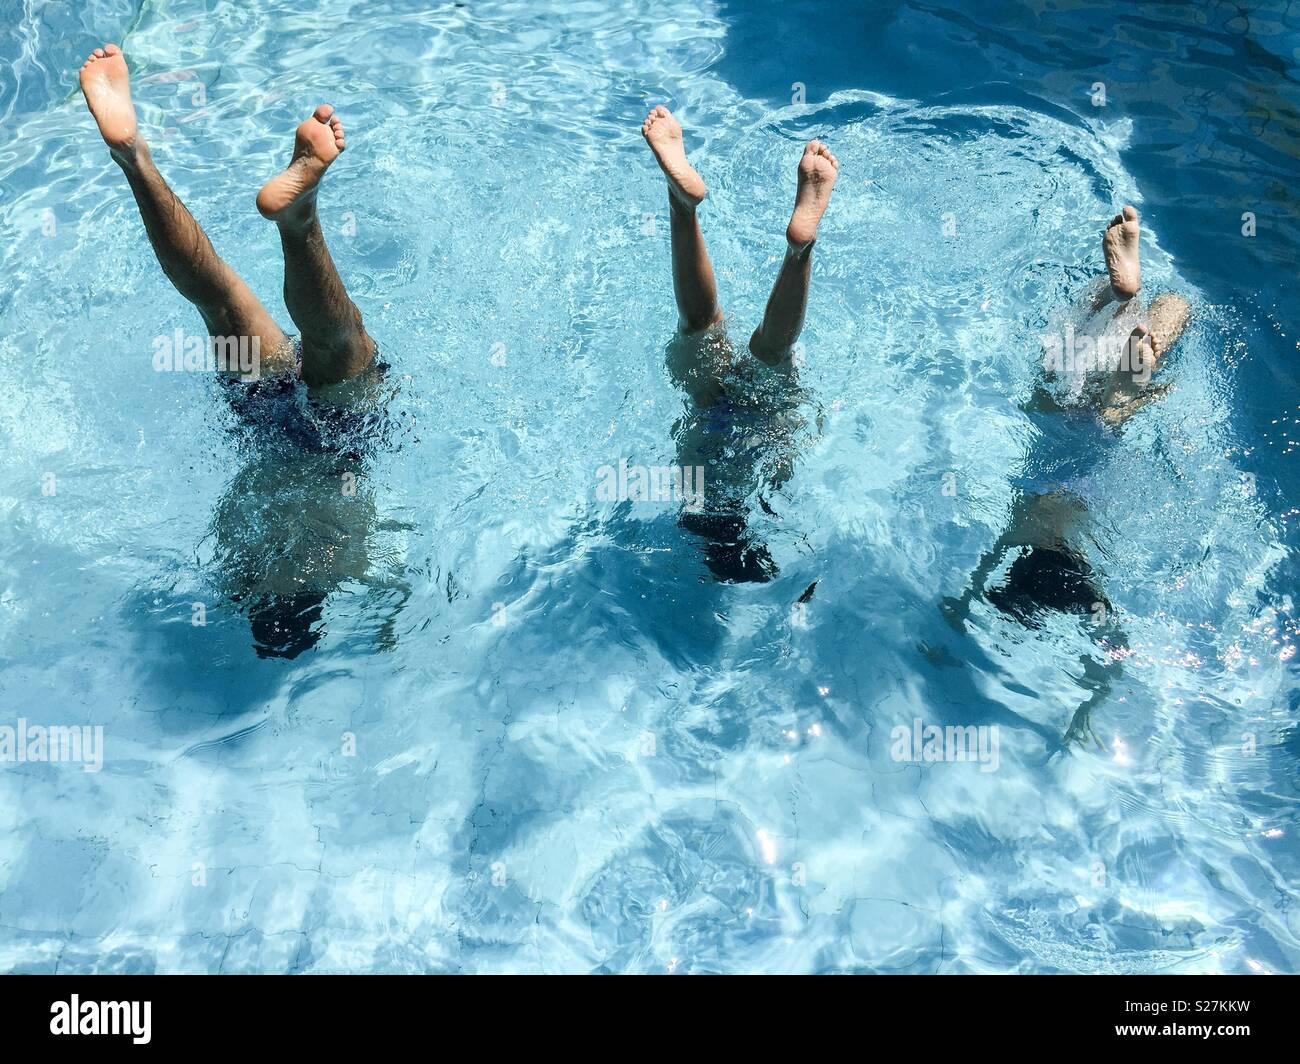 Drei Jugendliche tun Gleichgewicht im Pool Stockbild